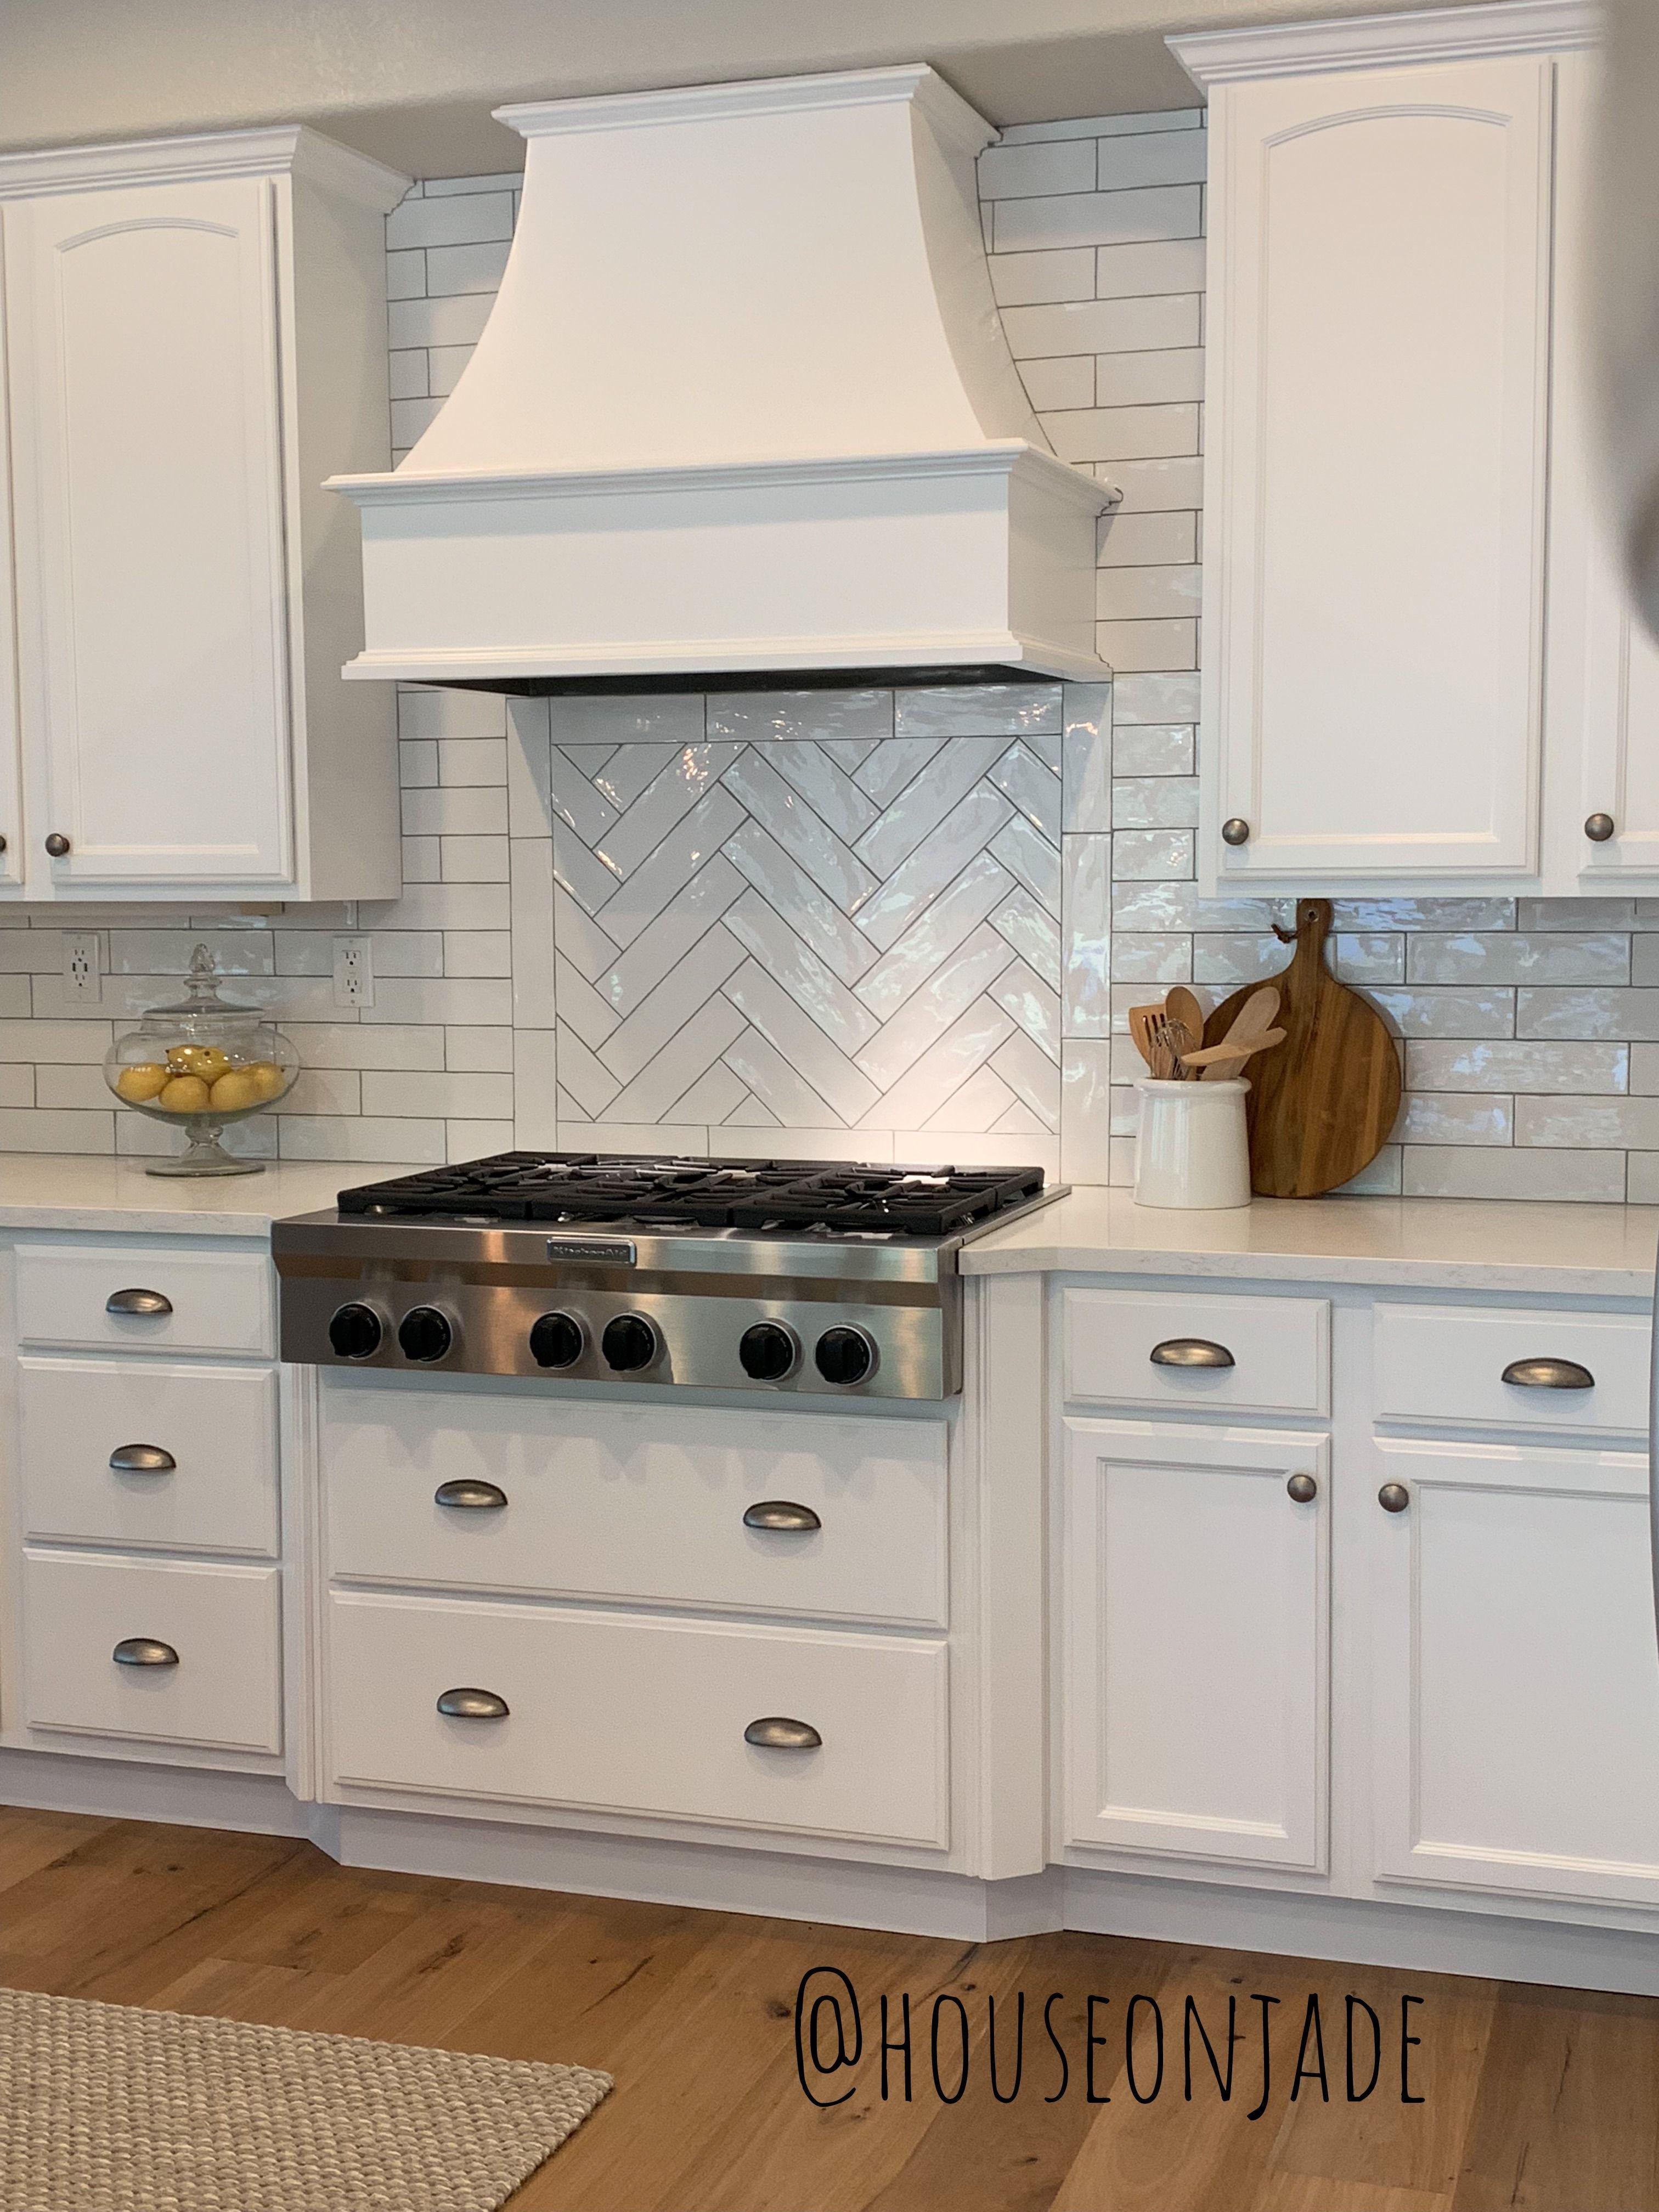 Castlewood Curved Gourmet Chimney Range Hood Kitchen Backsplash Designs Kitchen Hood Design Kitchen Range Hood